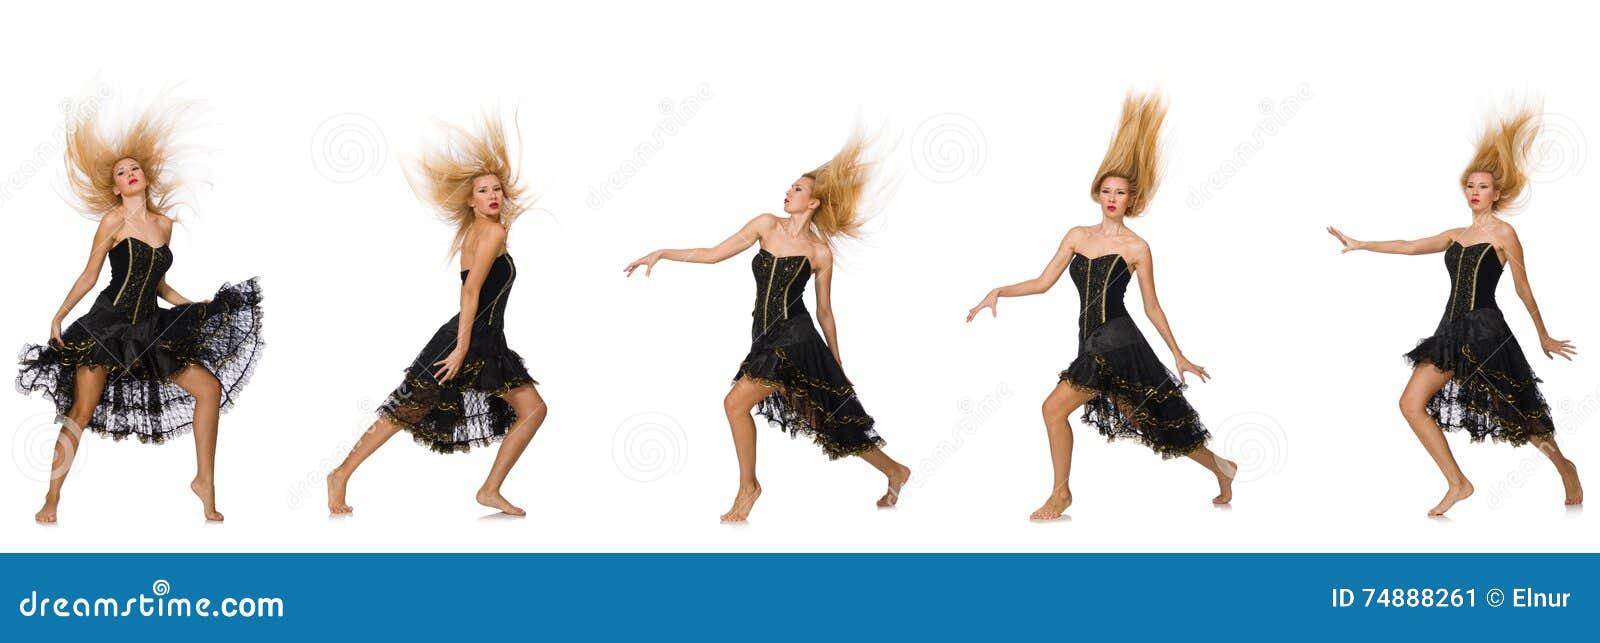 A foto composta da mulher em várias poses